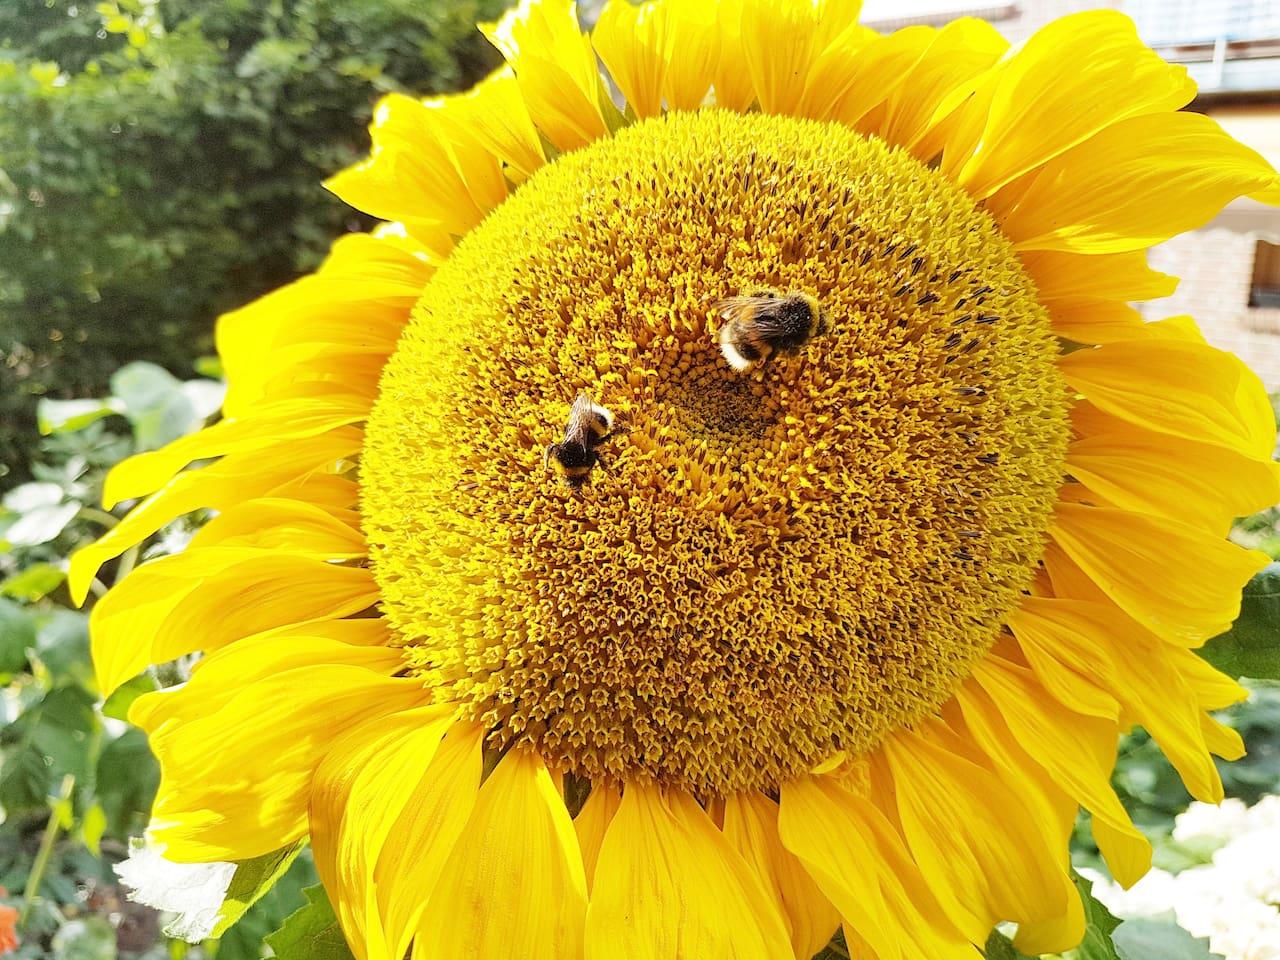 Einfach Ankommen entspannen und sich wohlfühlen , wie die beiden Hummeln auf der Sonnenblume in meinen Garten